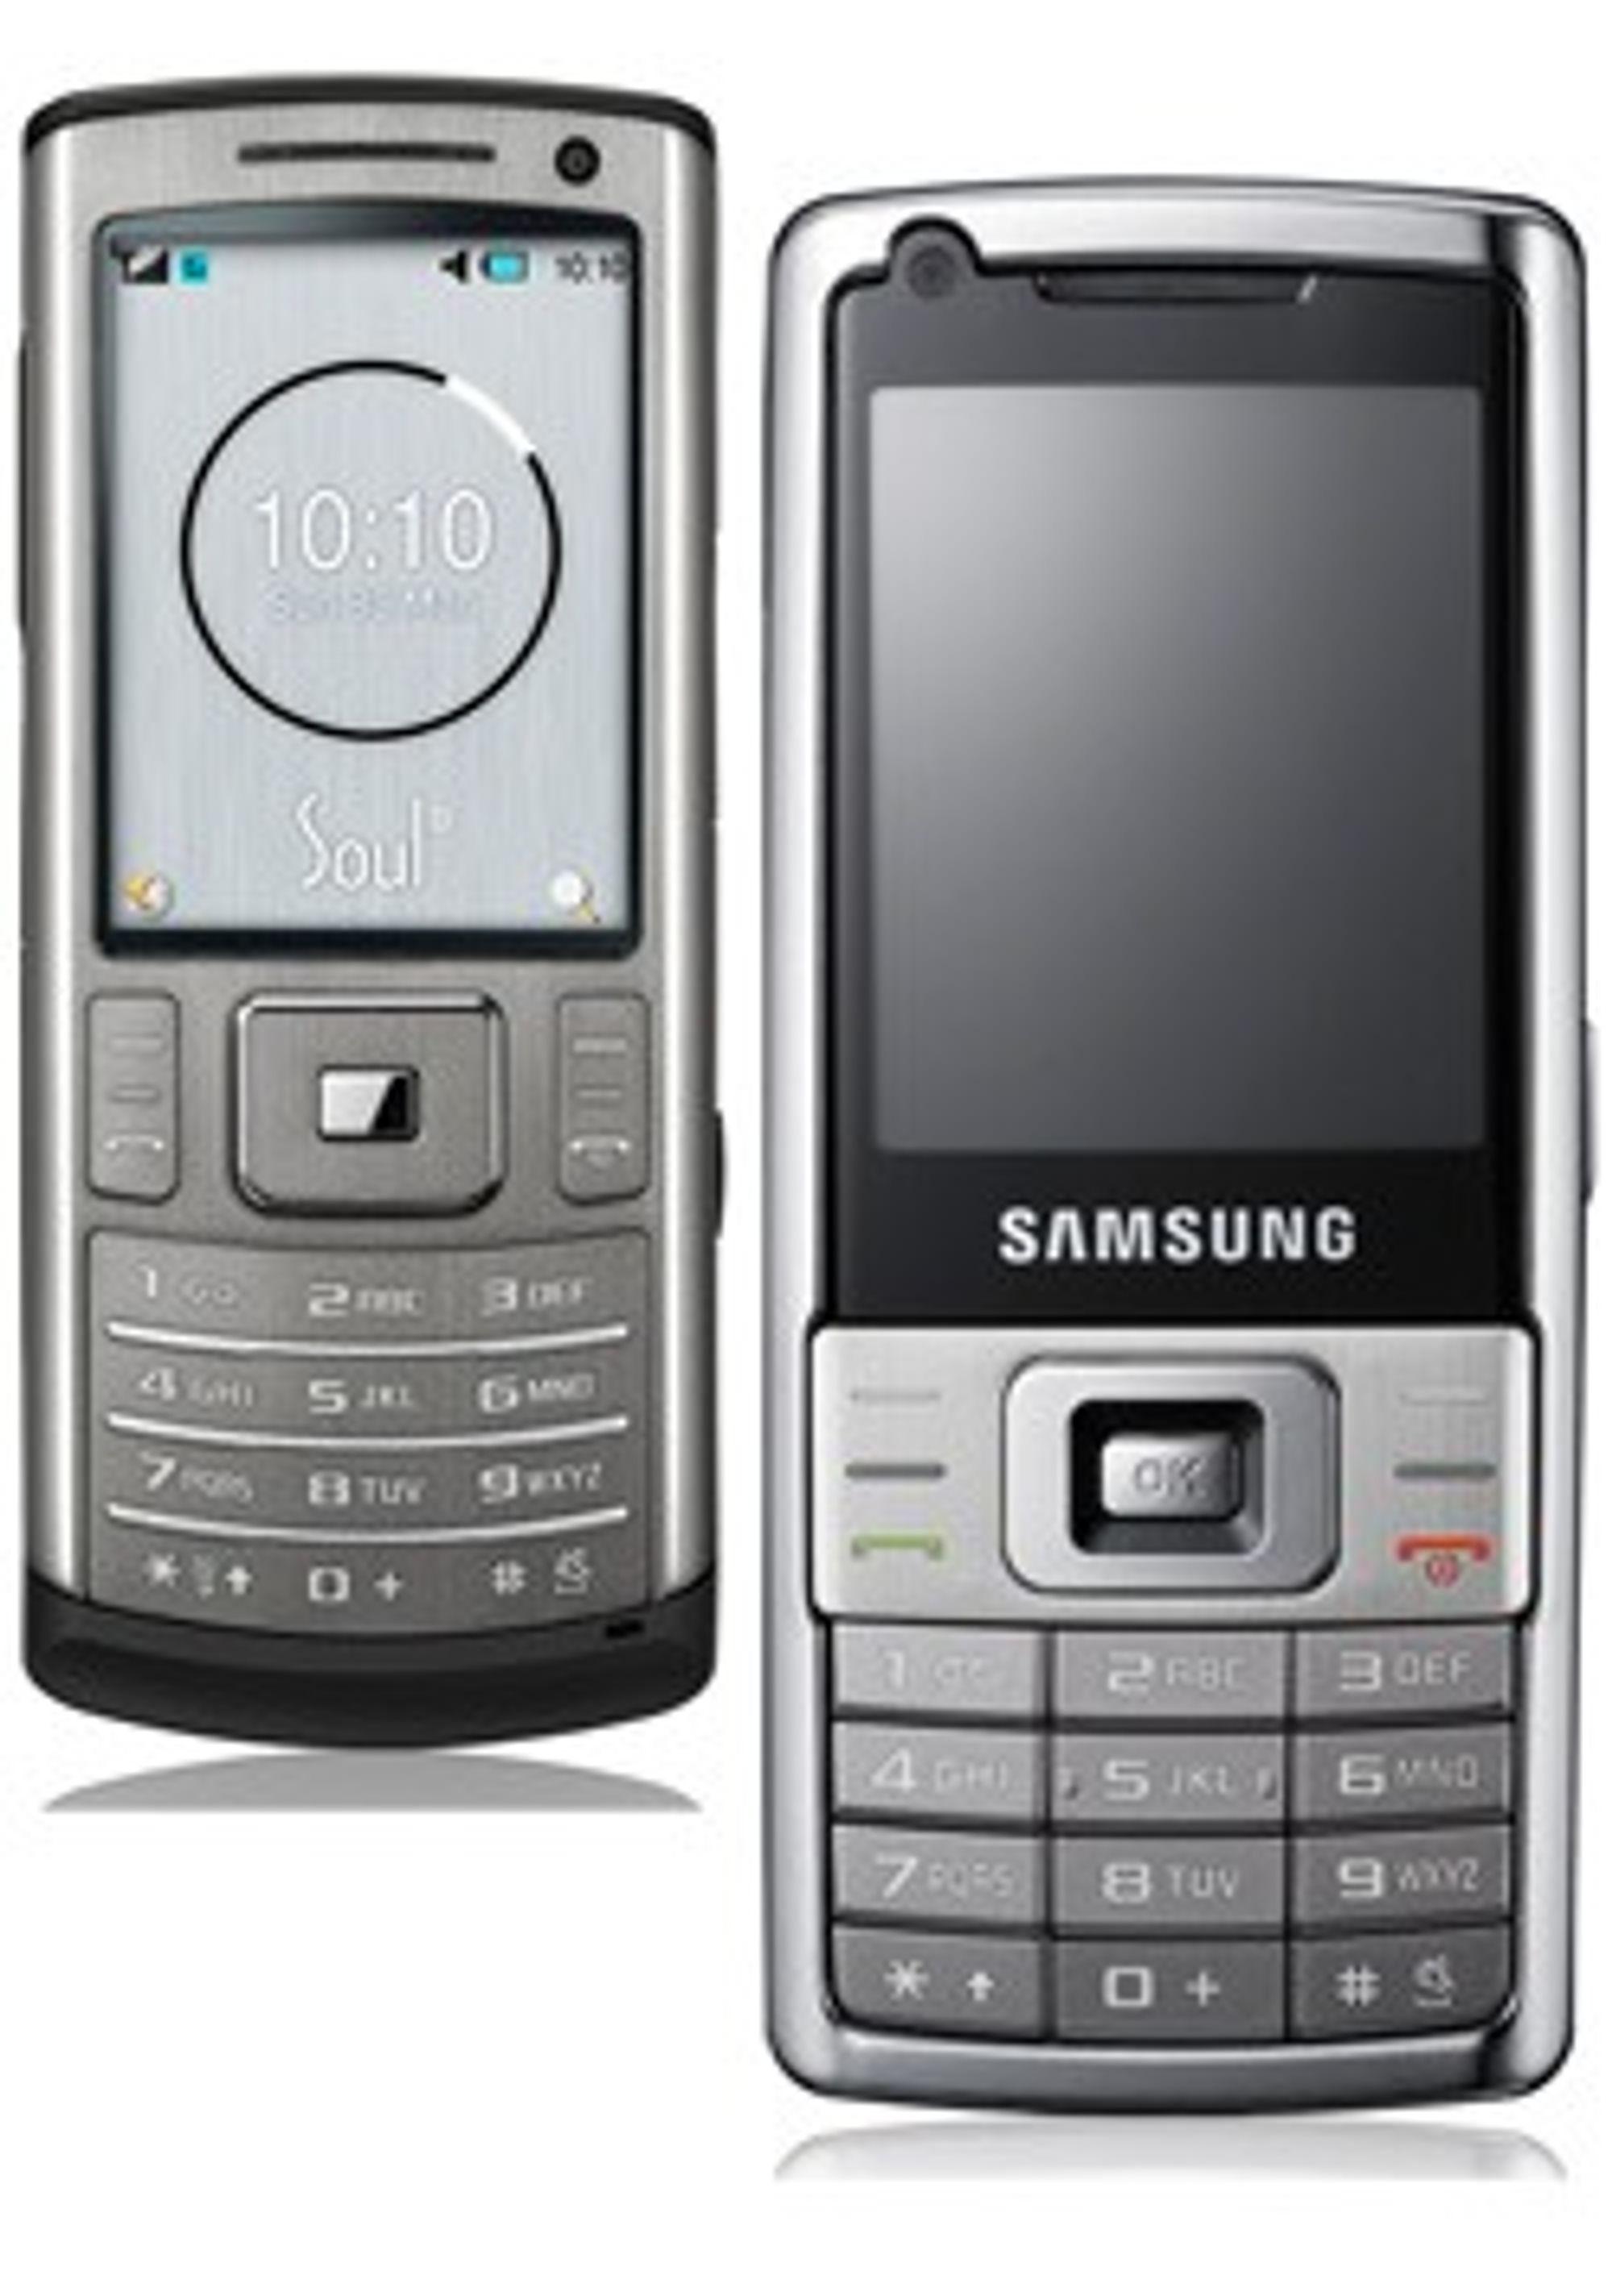 Samsung SoulB og L700.